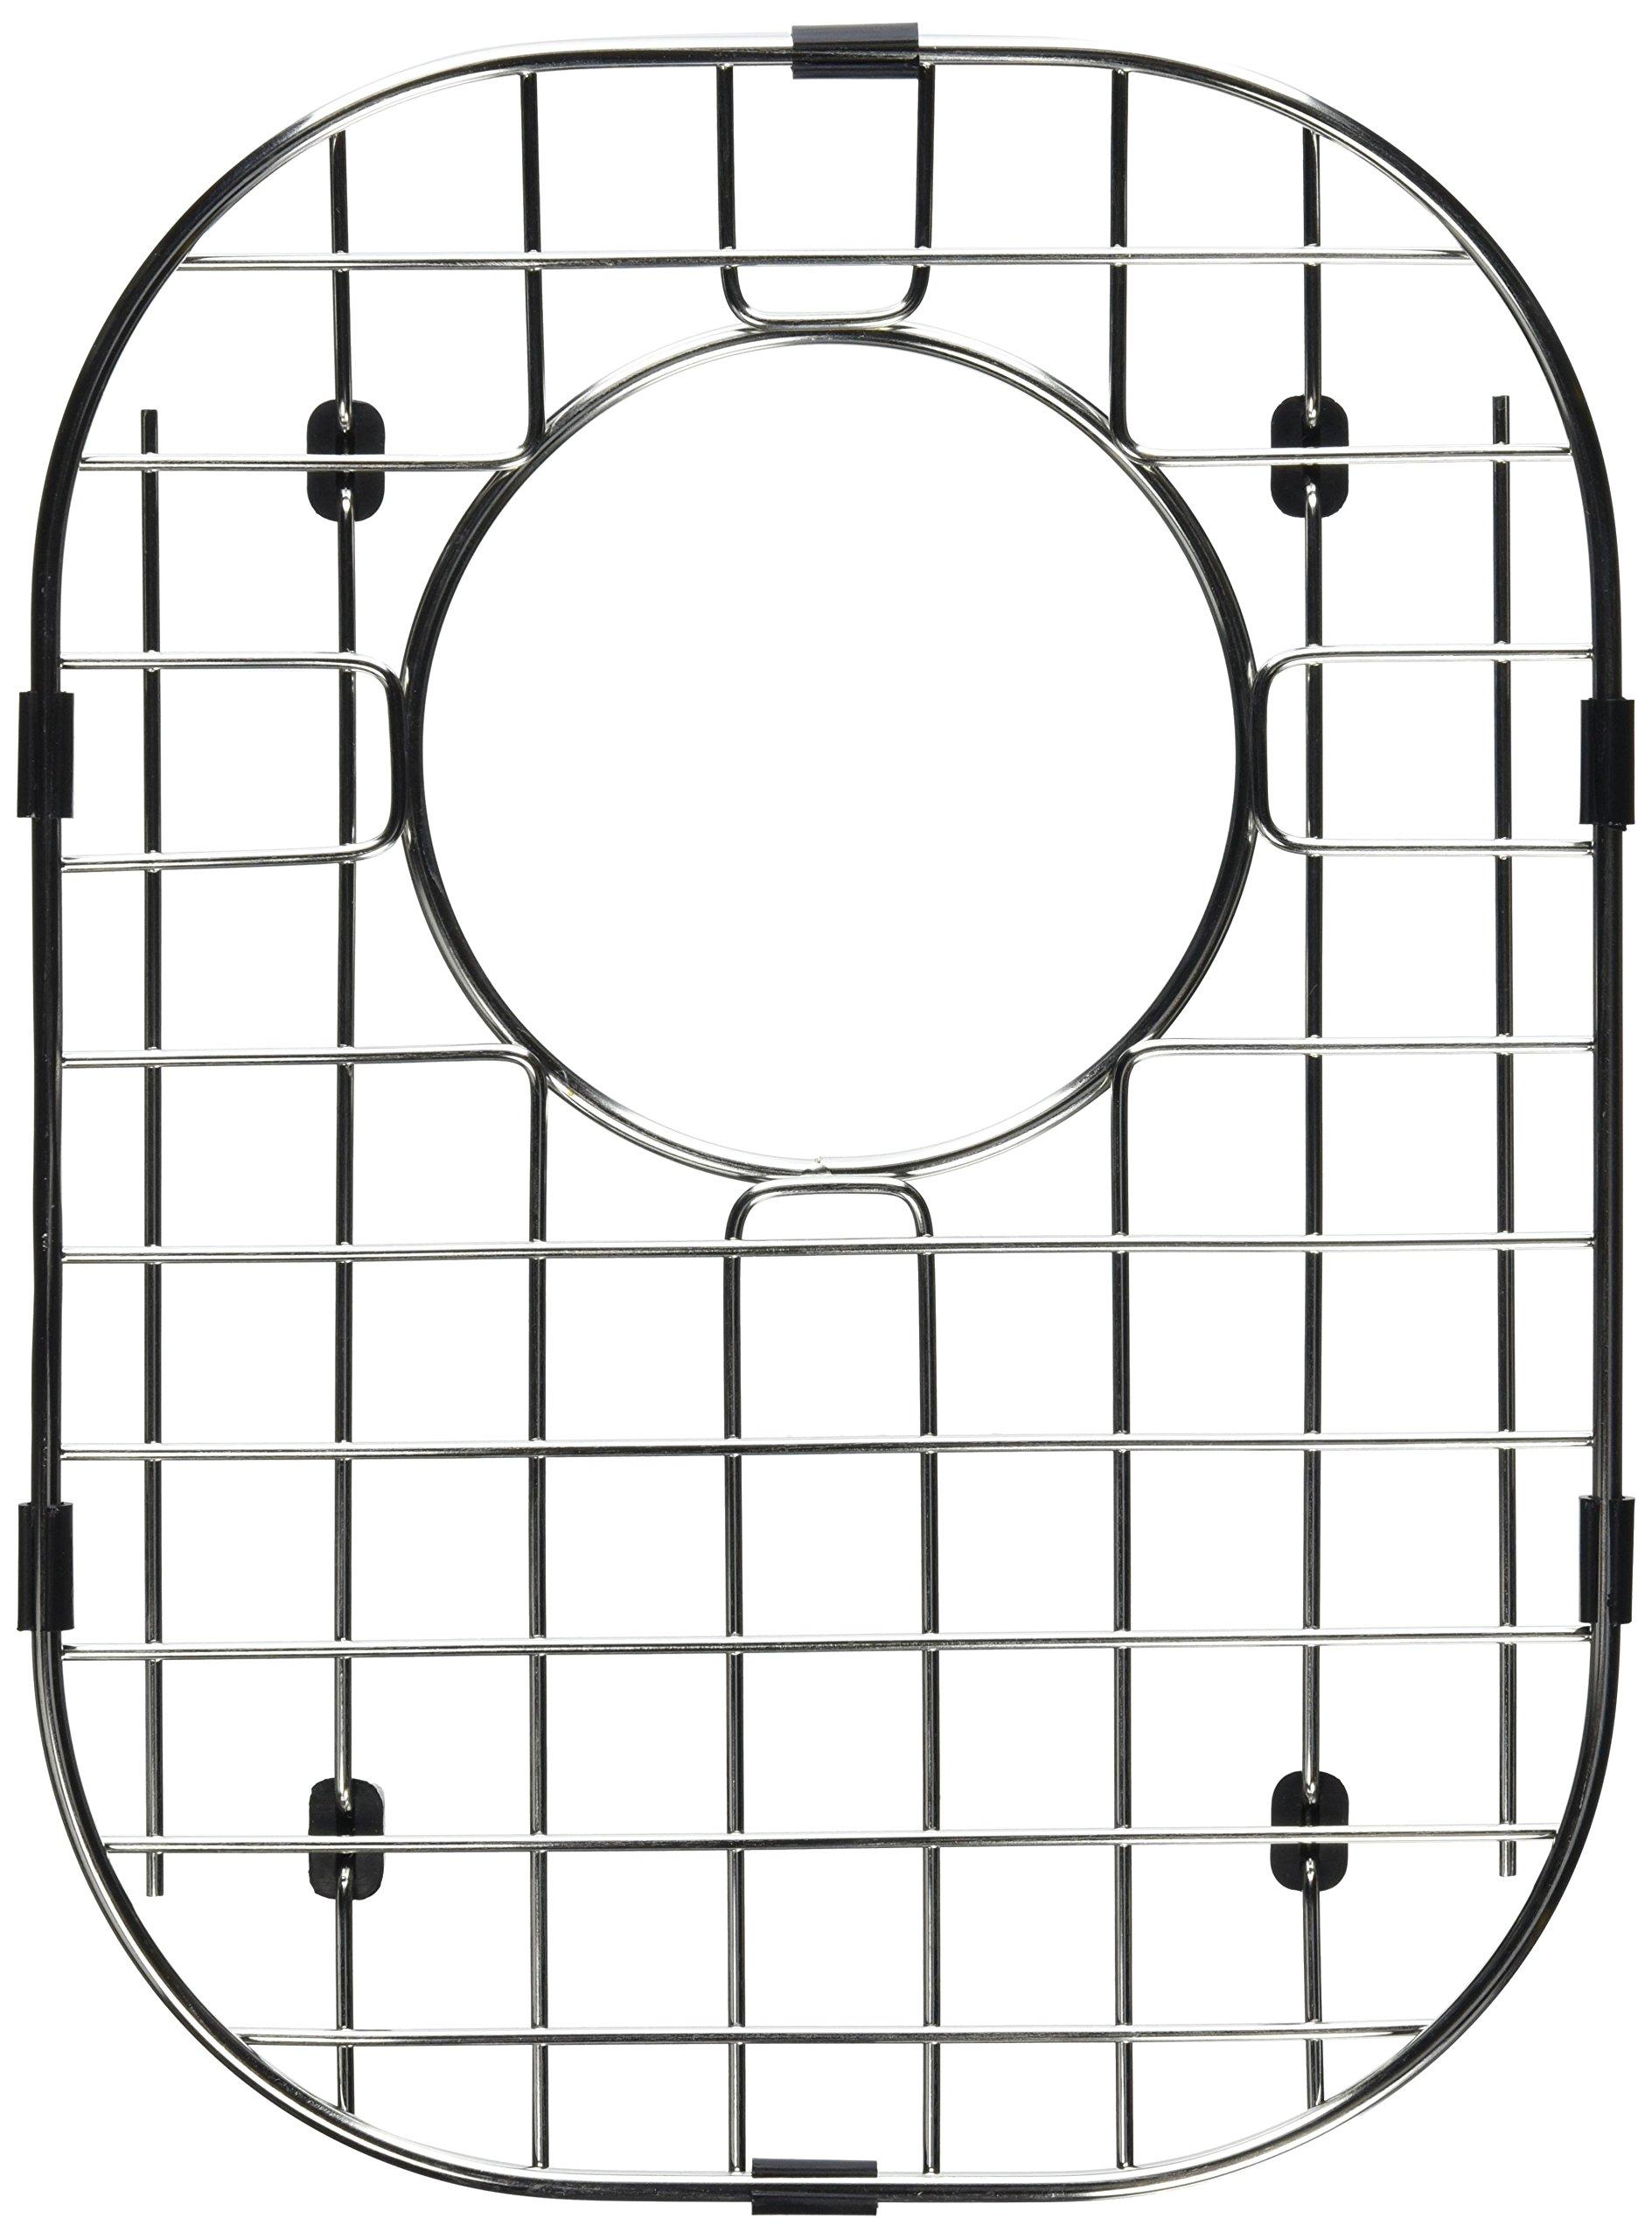 Houzer BG-1400 Wirecraft Kitchen Sink Bottom Grid, 9.62-Inch by 13.12-Inch by HOUZER